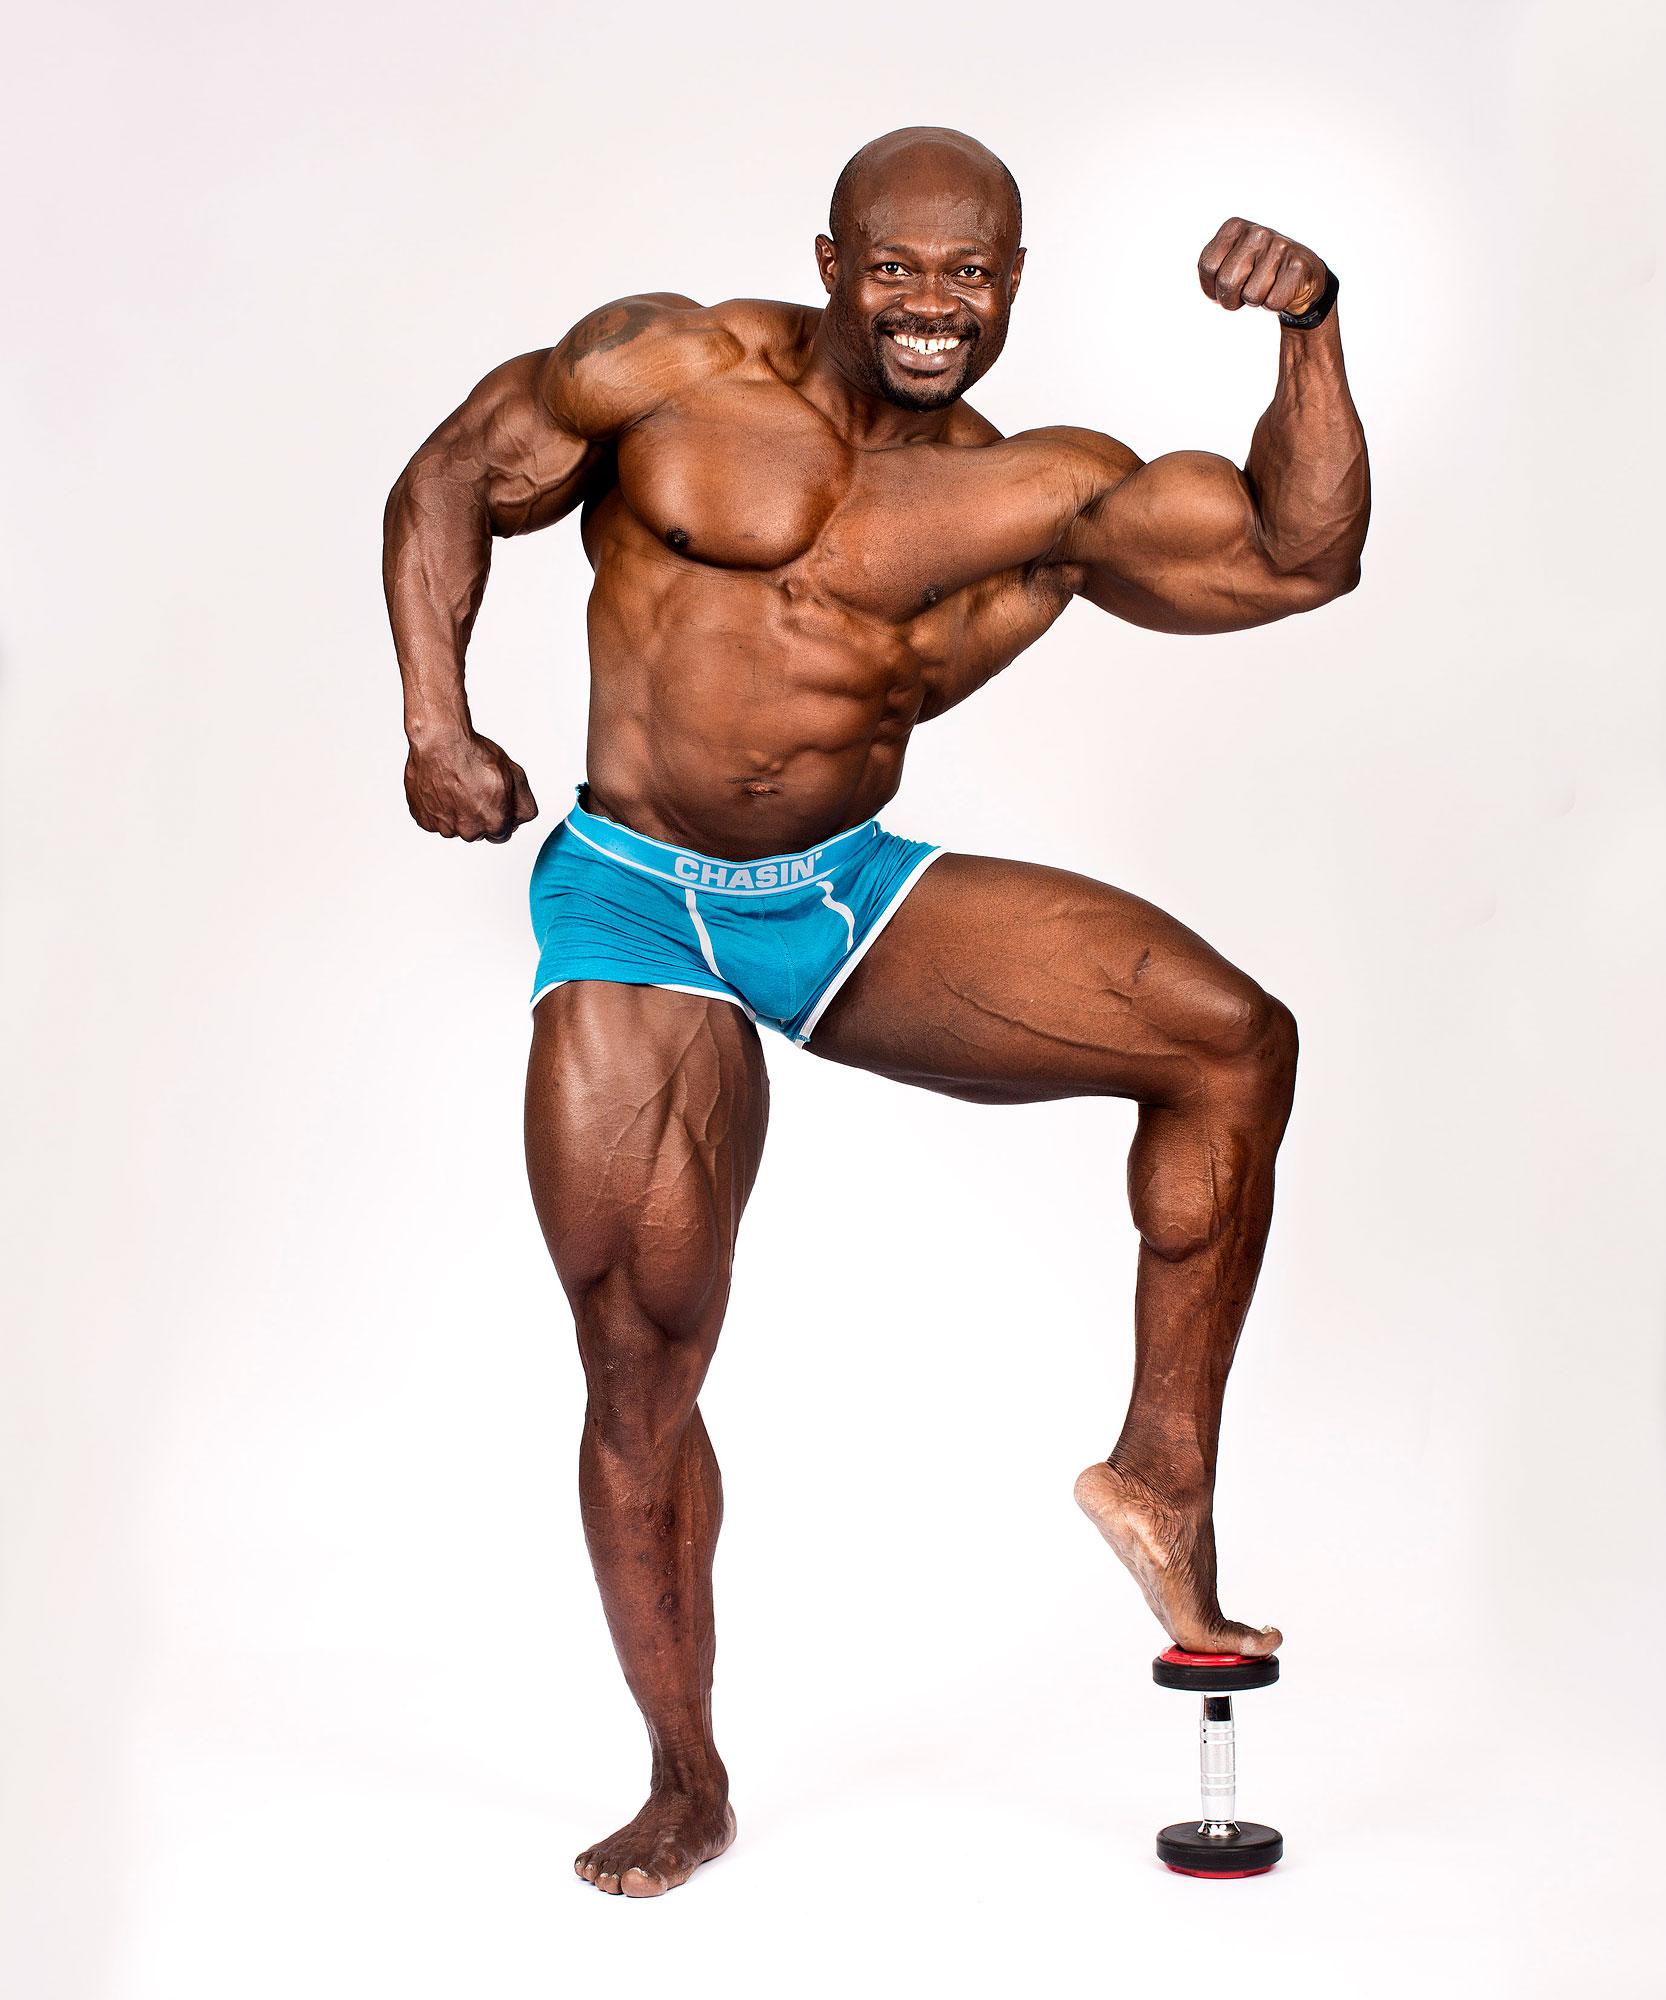 Pascal Chukwu met voet op zandloper